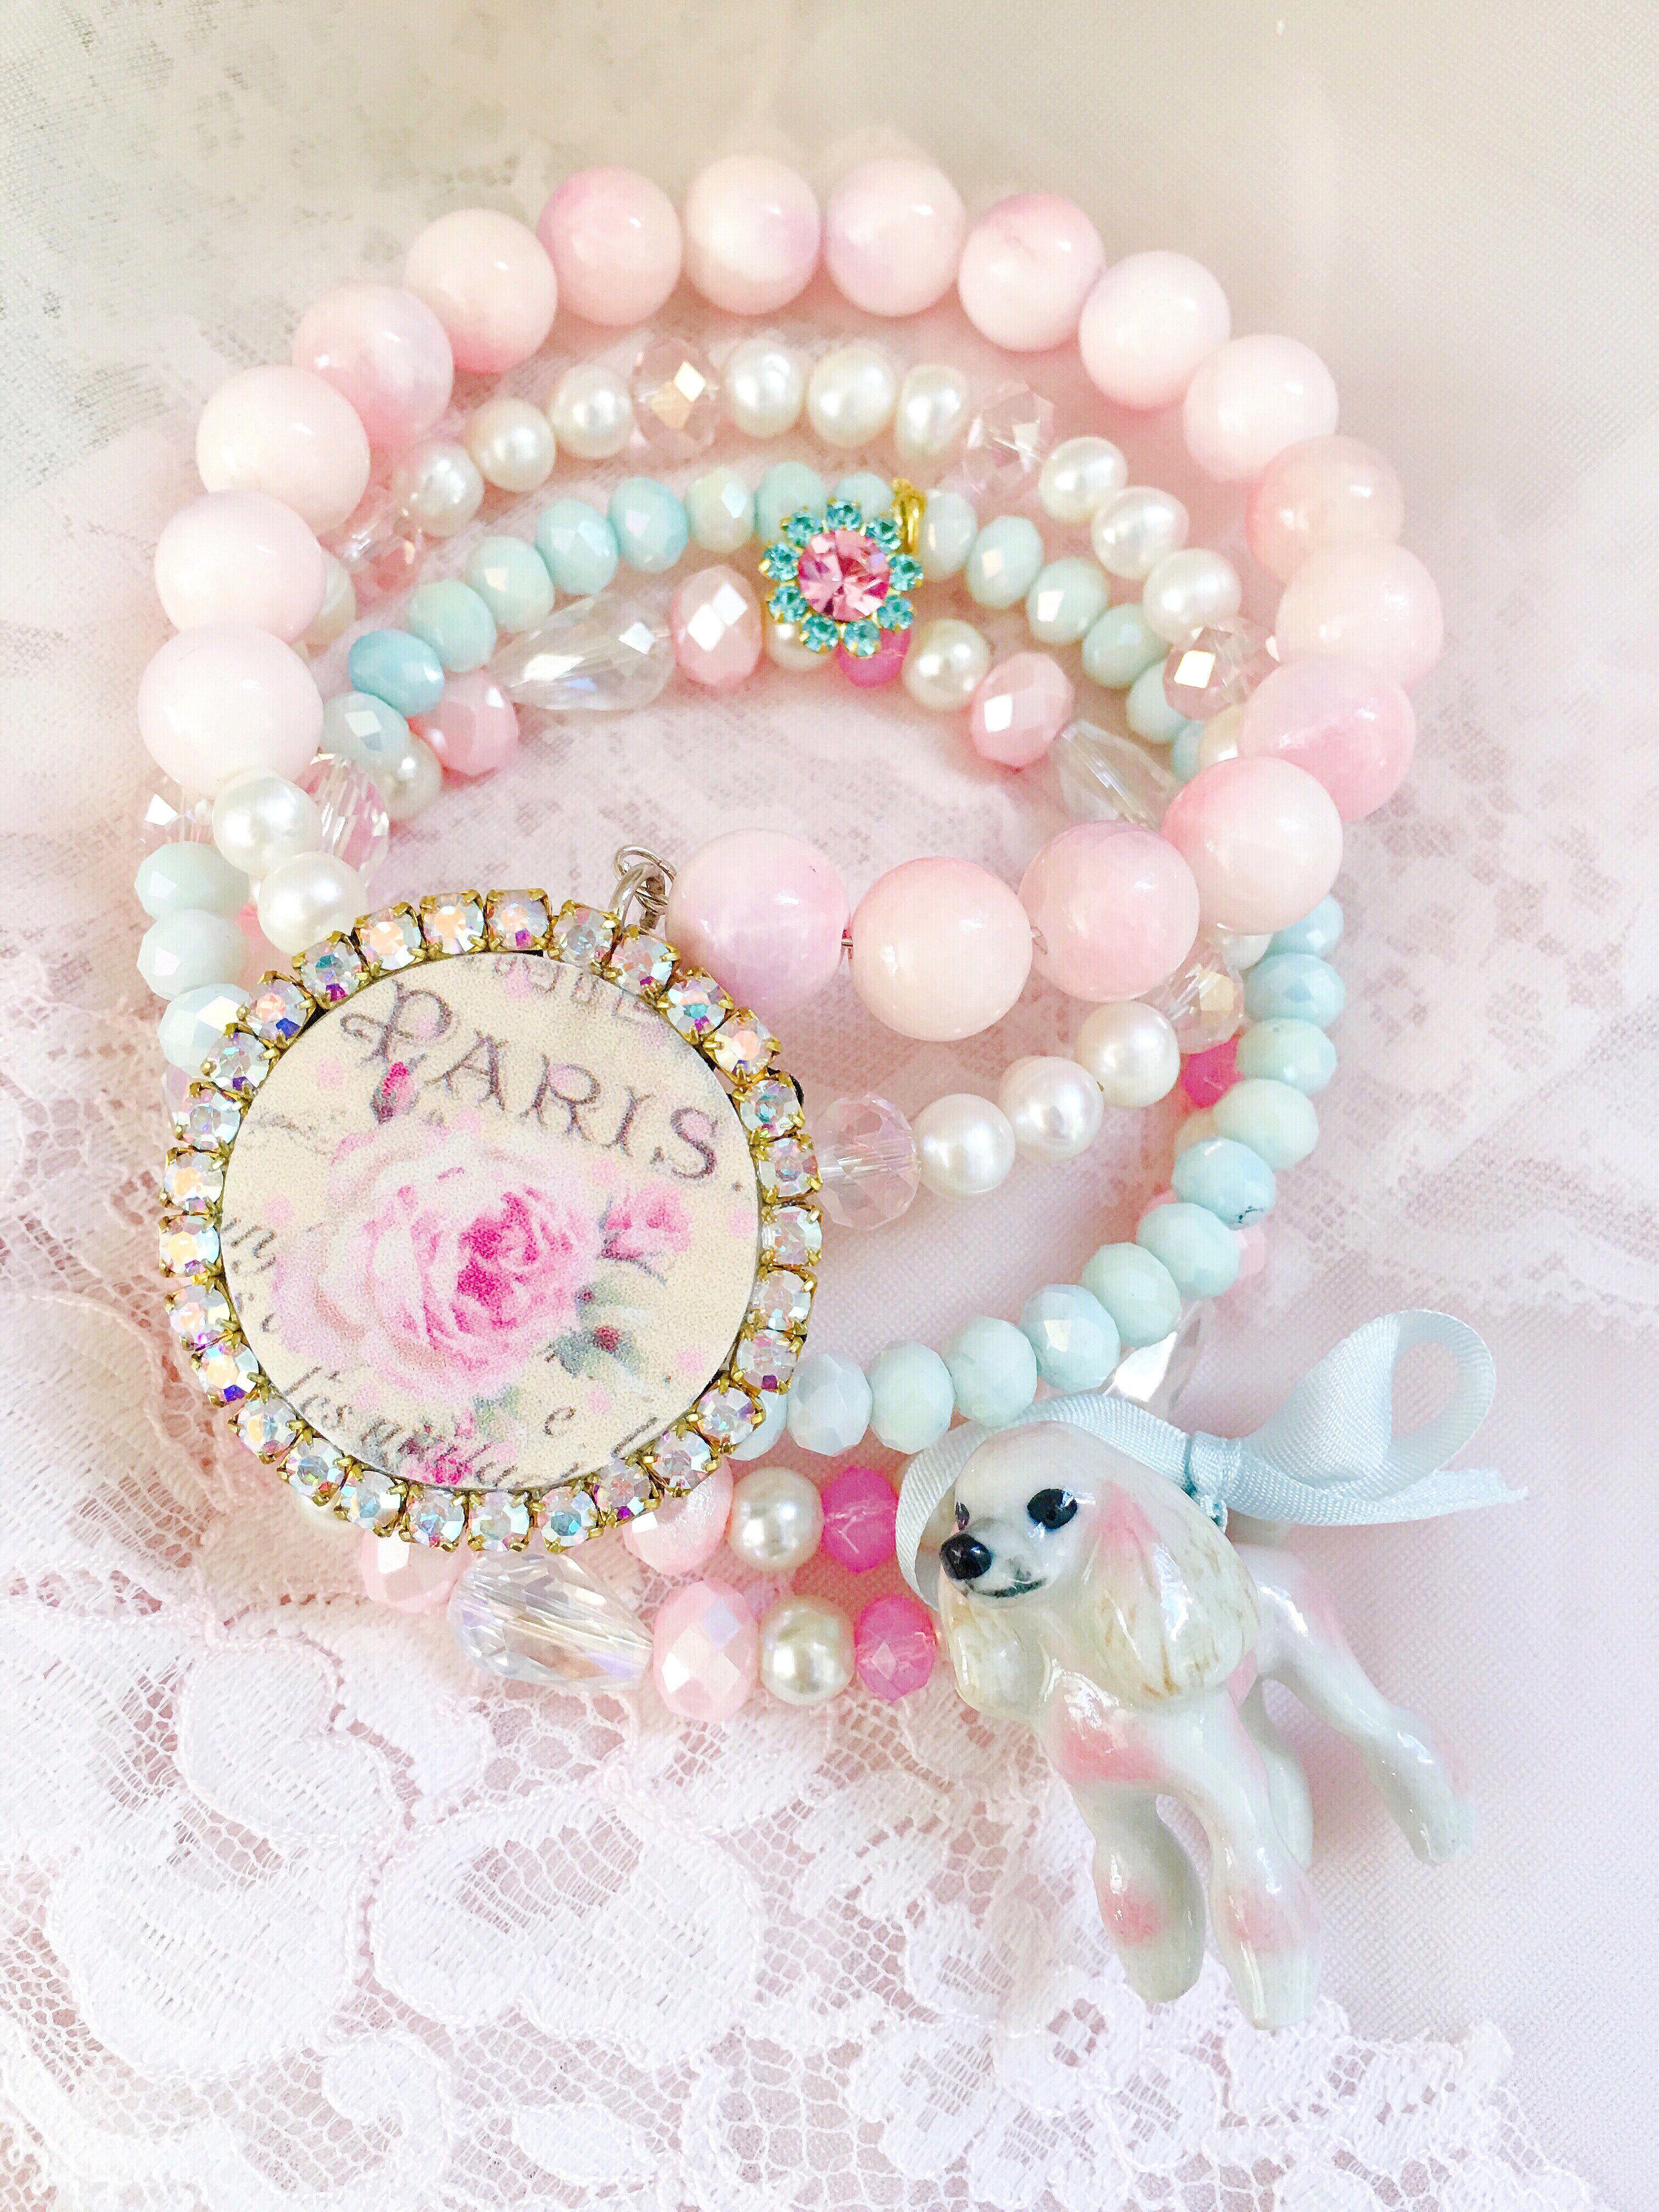 Poodle Paris Charm Bracelet By Jennifer Hayslip Jenniferhayslip  #poodle #paris